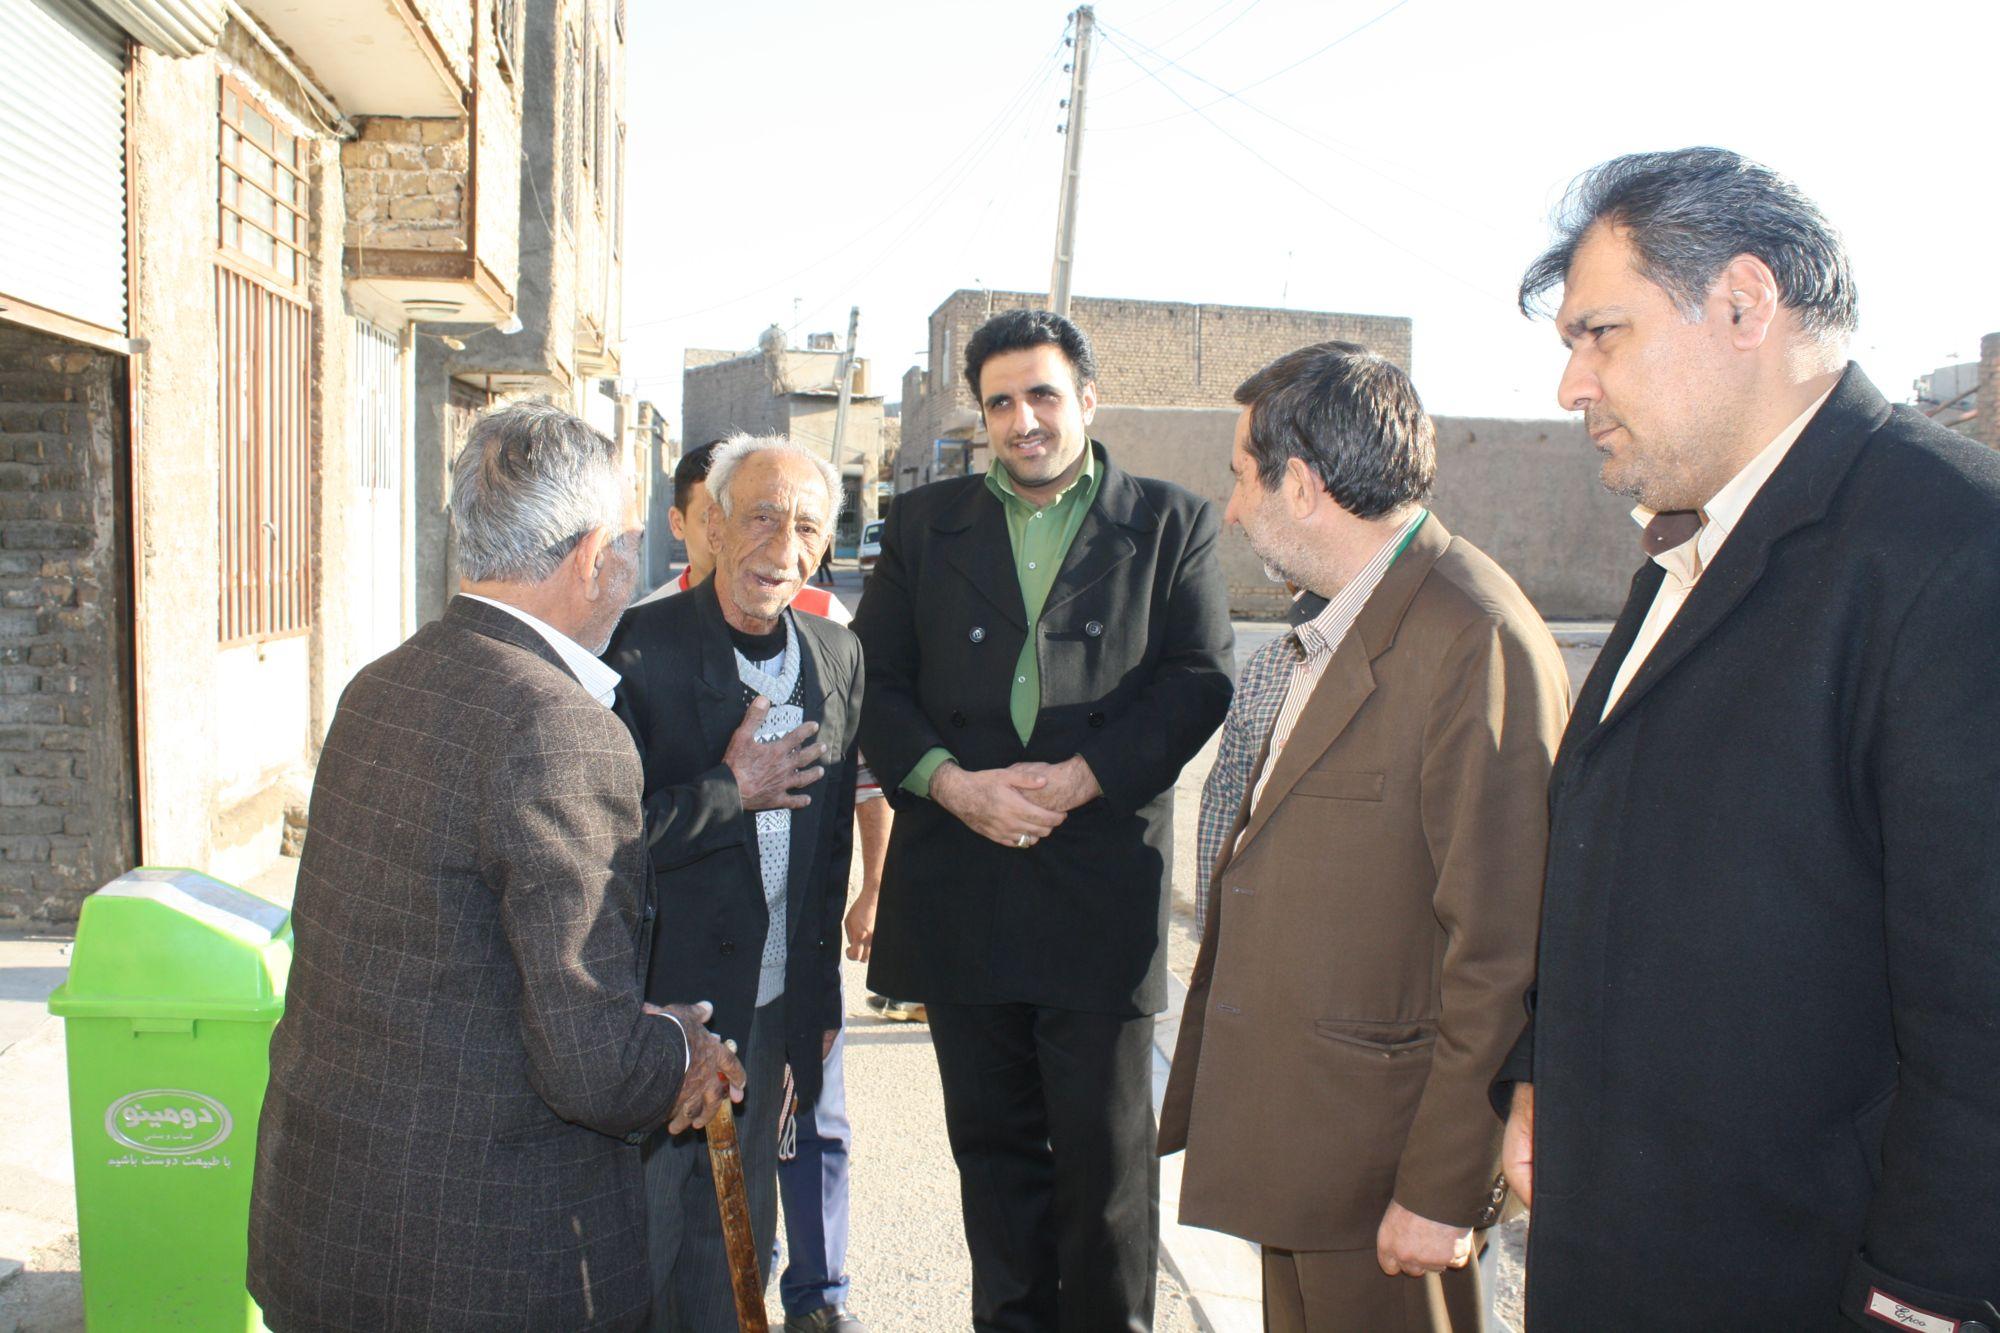 ورامین گردی رییس شورای اسلامی شهر به روایت تصویر